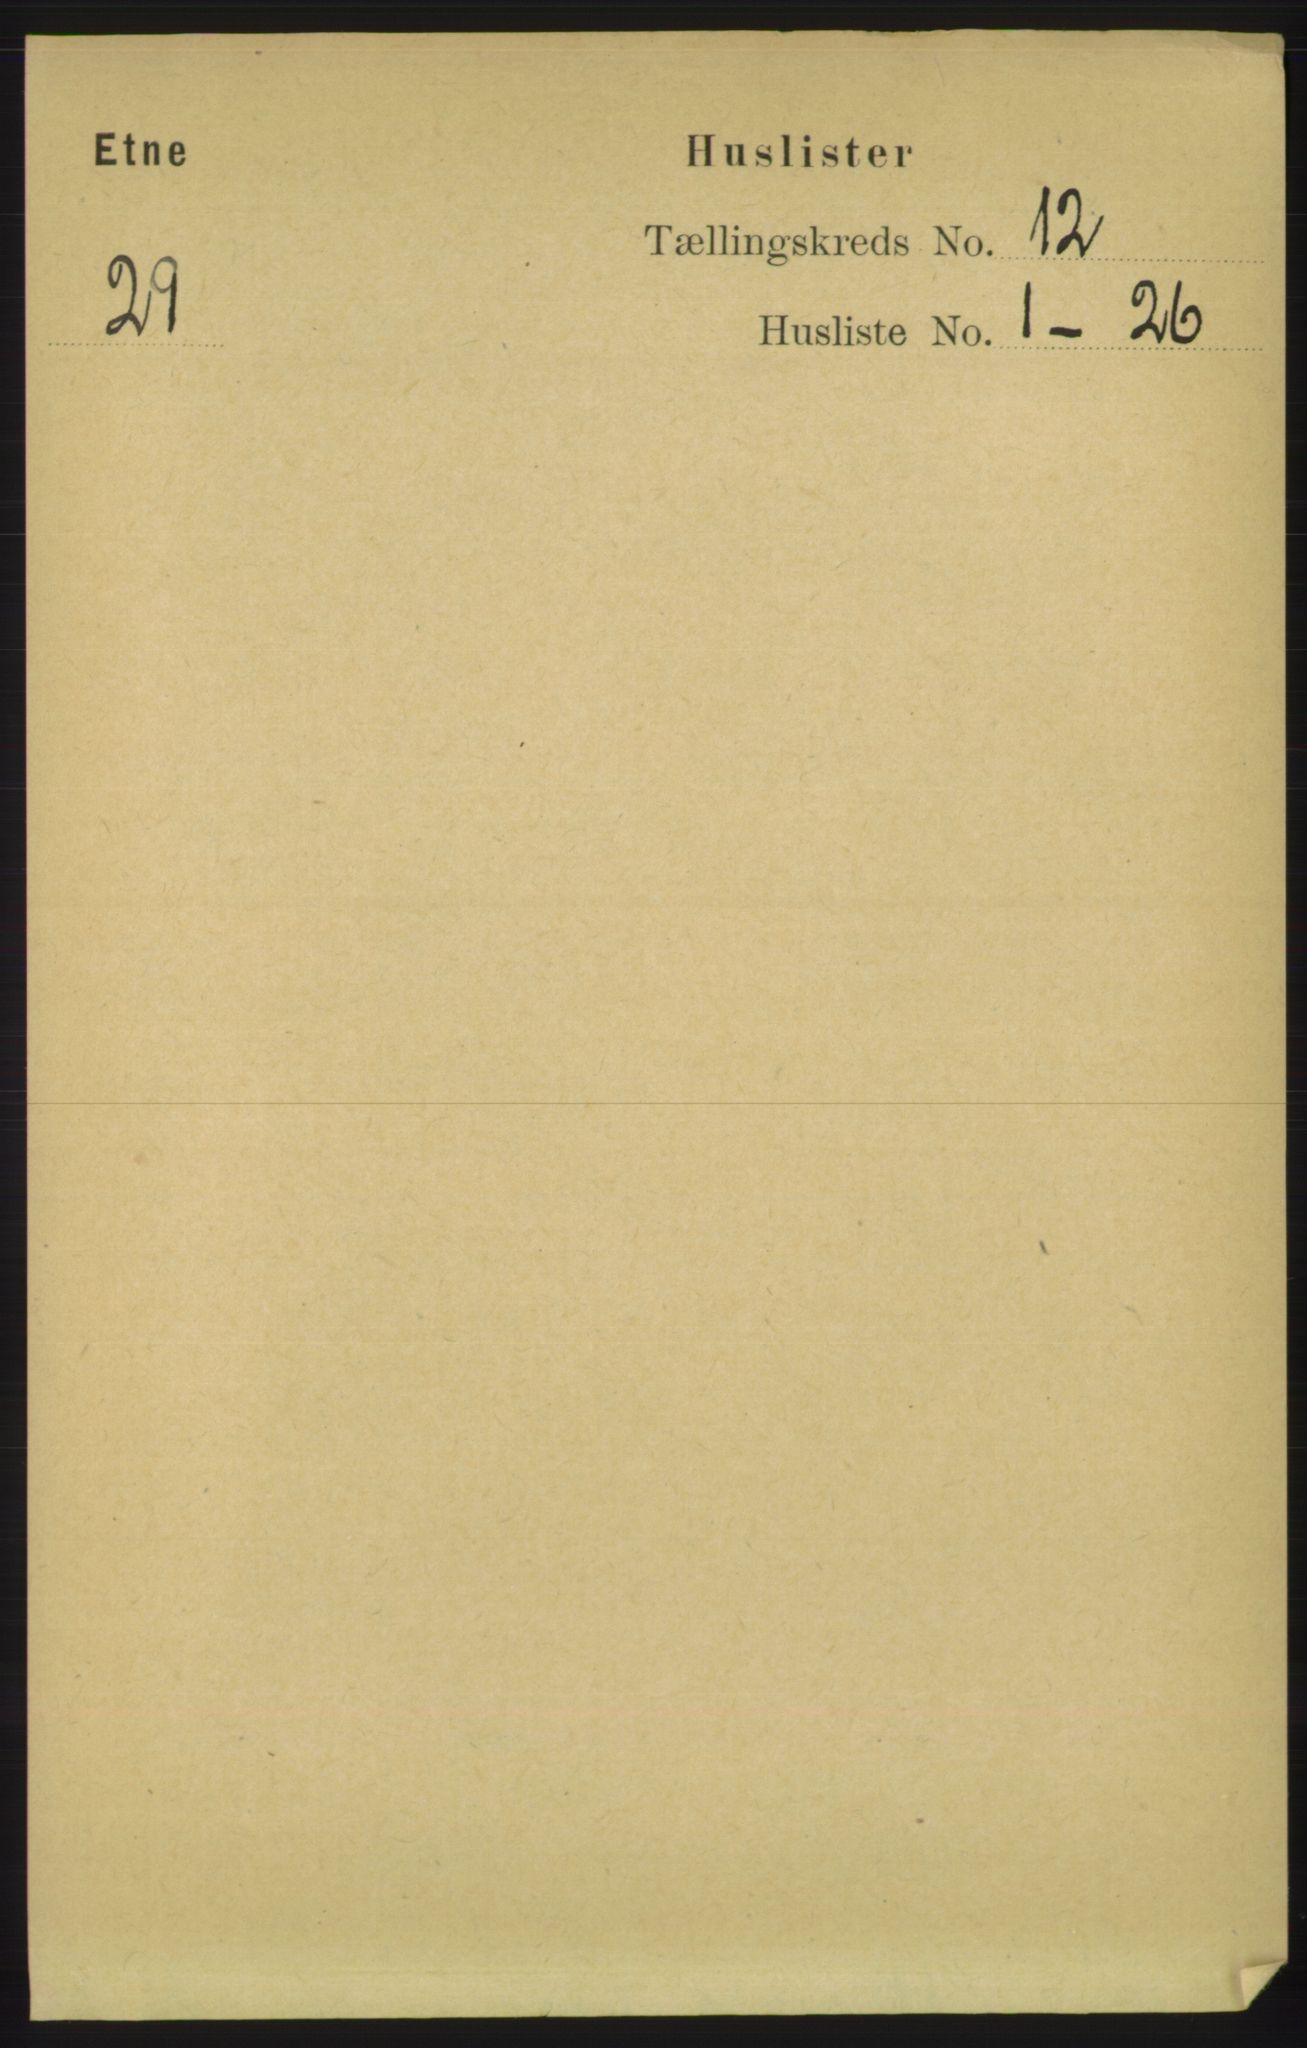 RA, Folketelling 1891 for 1211 Etne herred, 1891, s. 2527